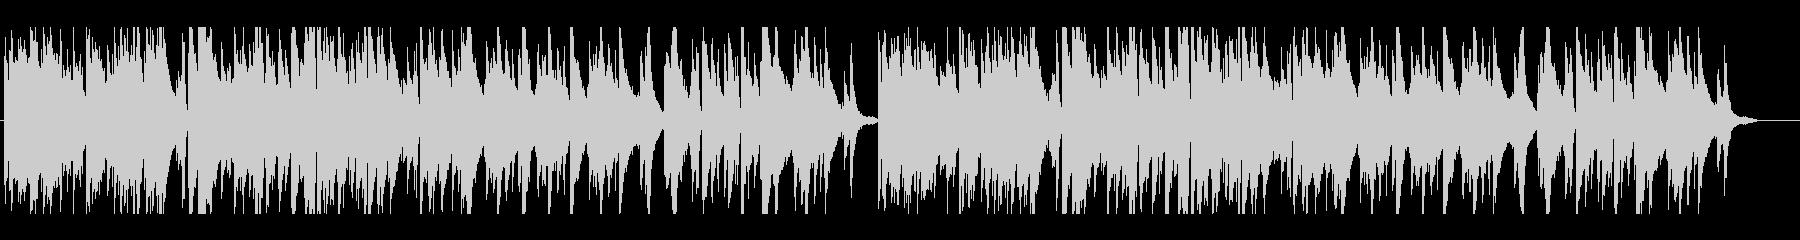 少しクラシカル風なポップスのピアノ曲ですの未再生の波形